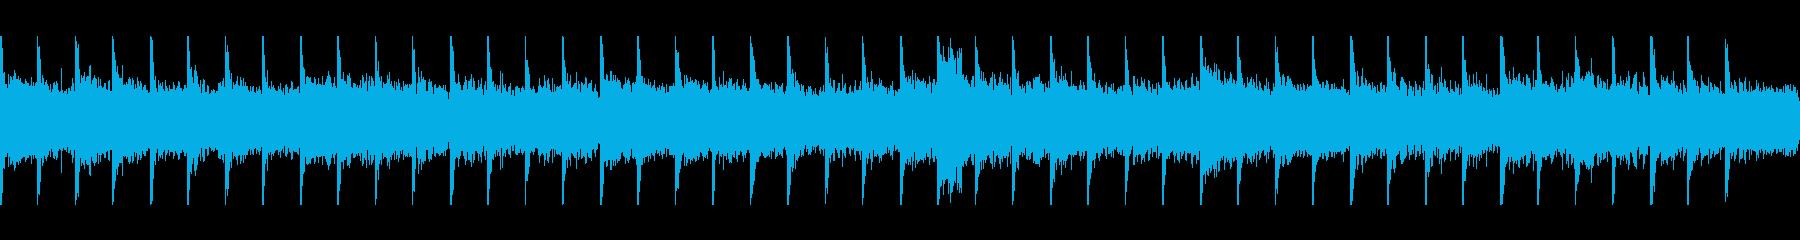 ゆったりくつろげる雰囲気のBGMですの再生済みの波形